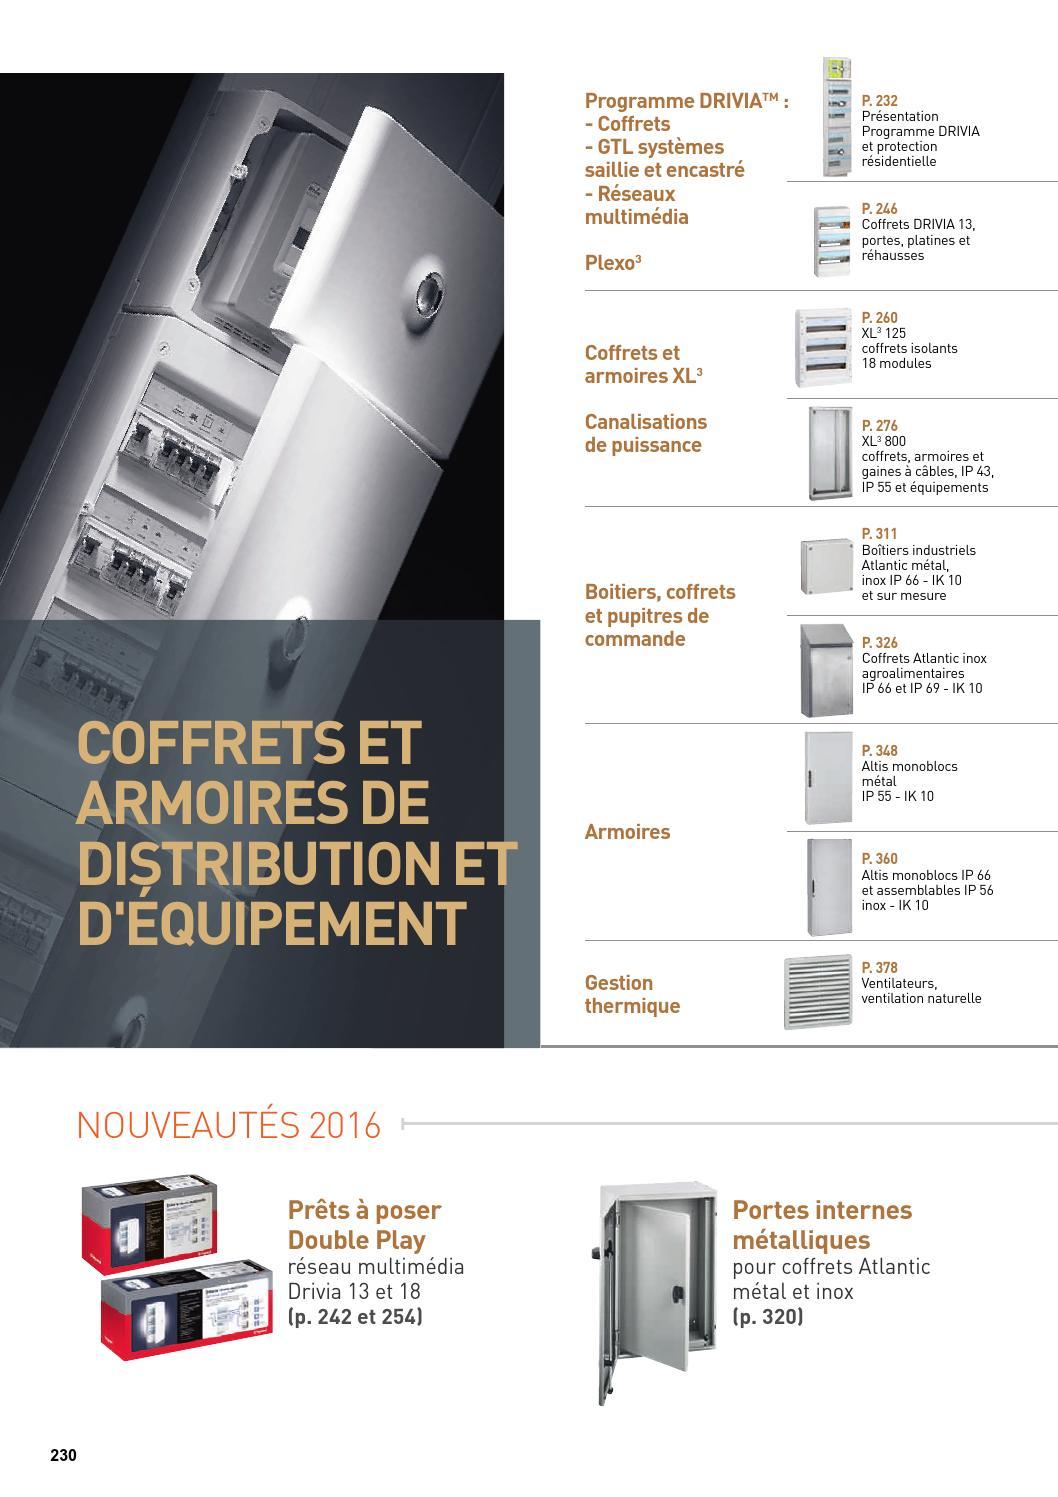 Armoire Pour Cacher Tableau Electrique legrand coffrets et armoires de distribution et d'équipement